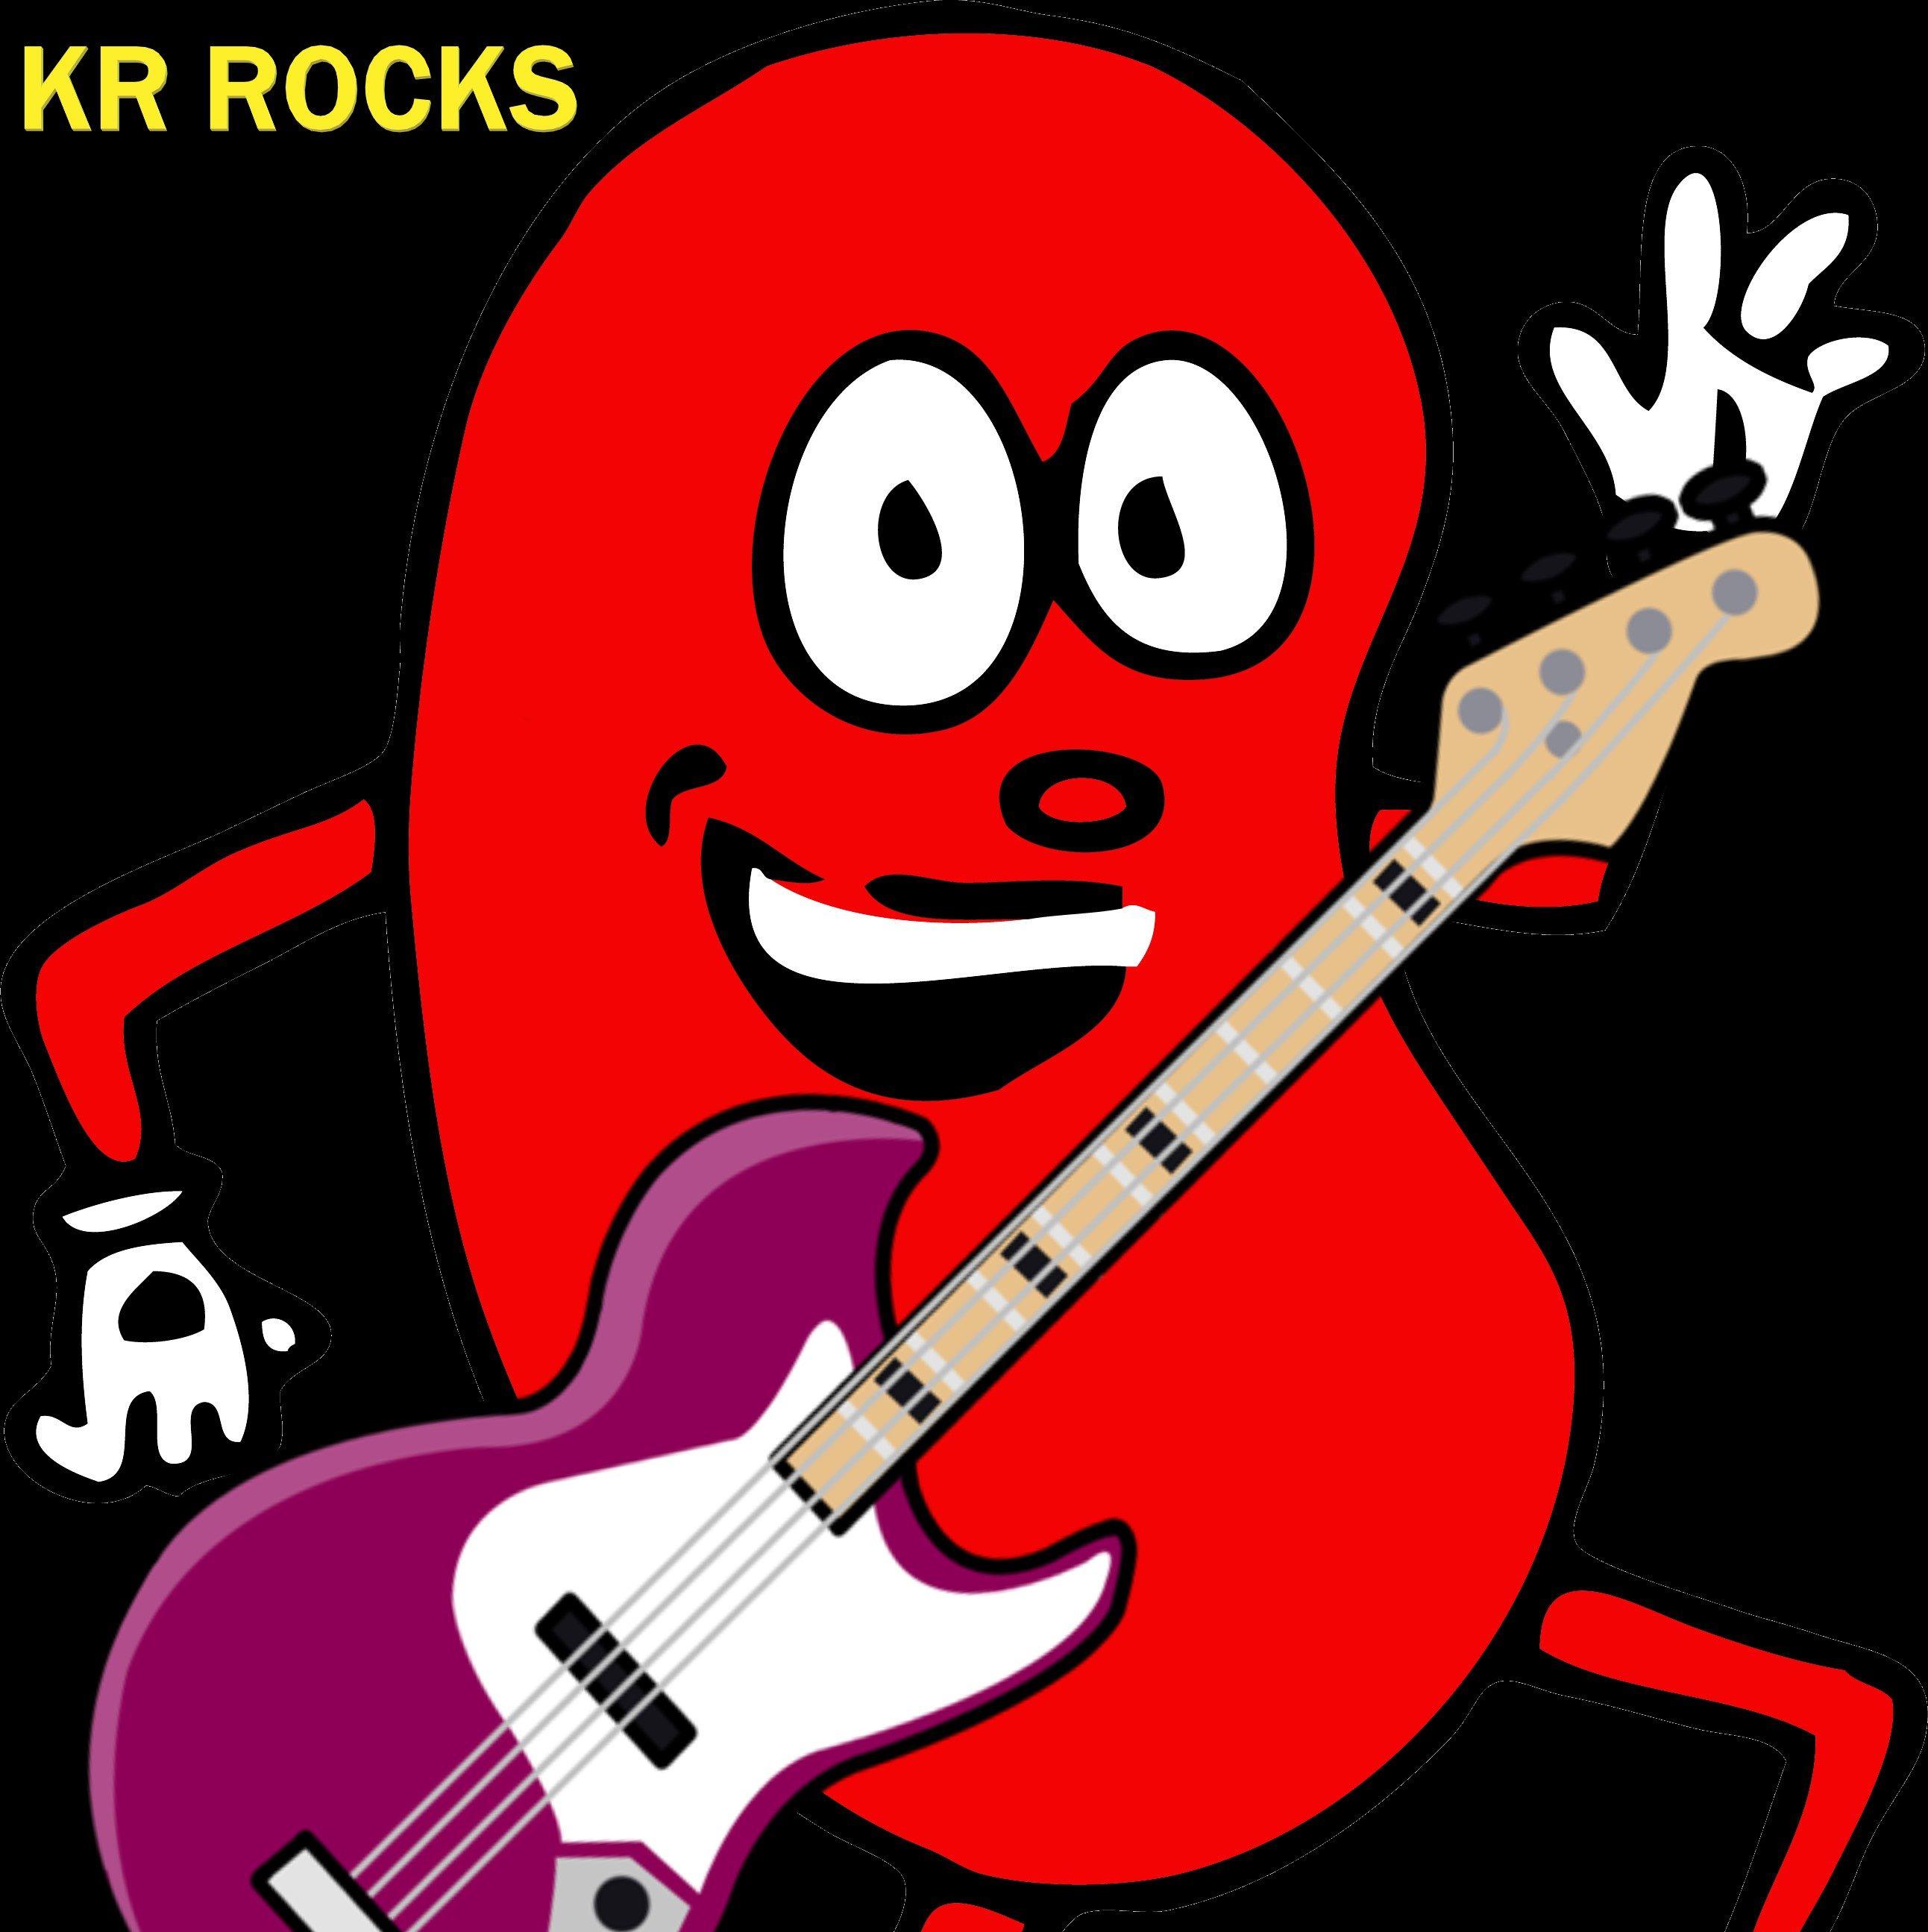 KR Rocks